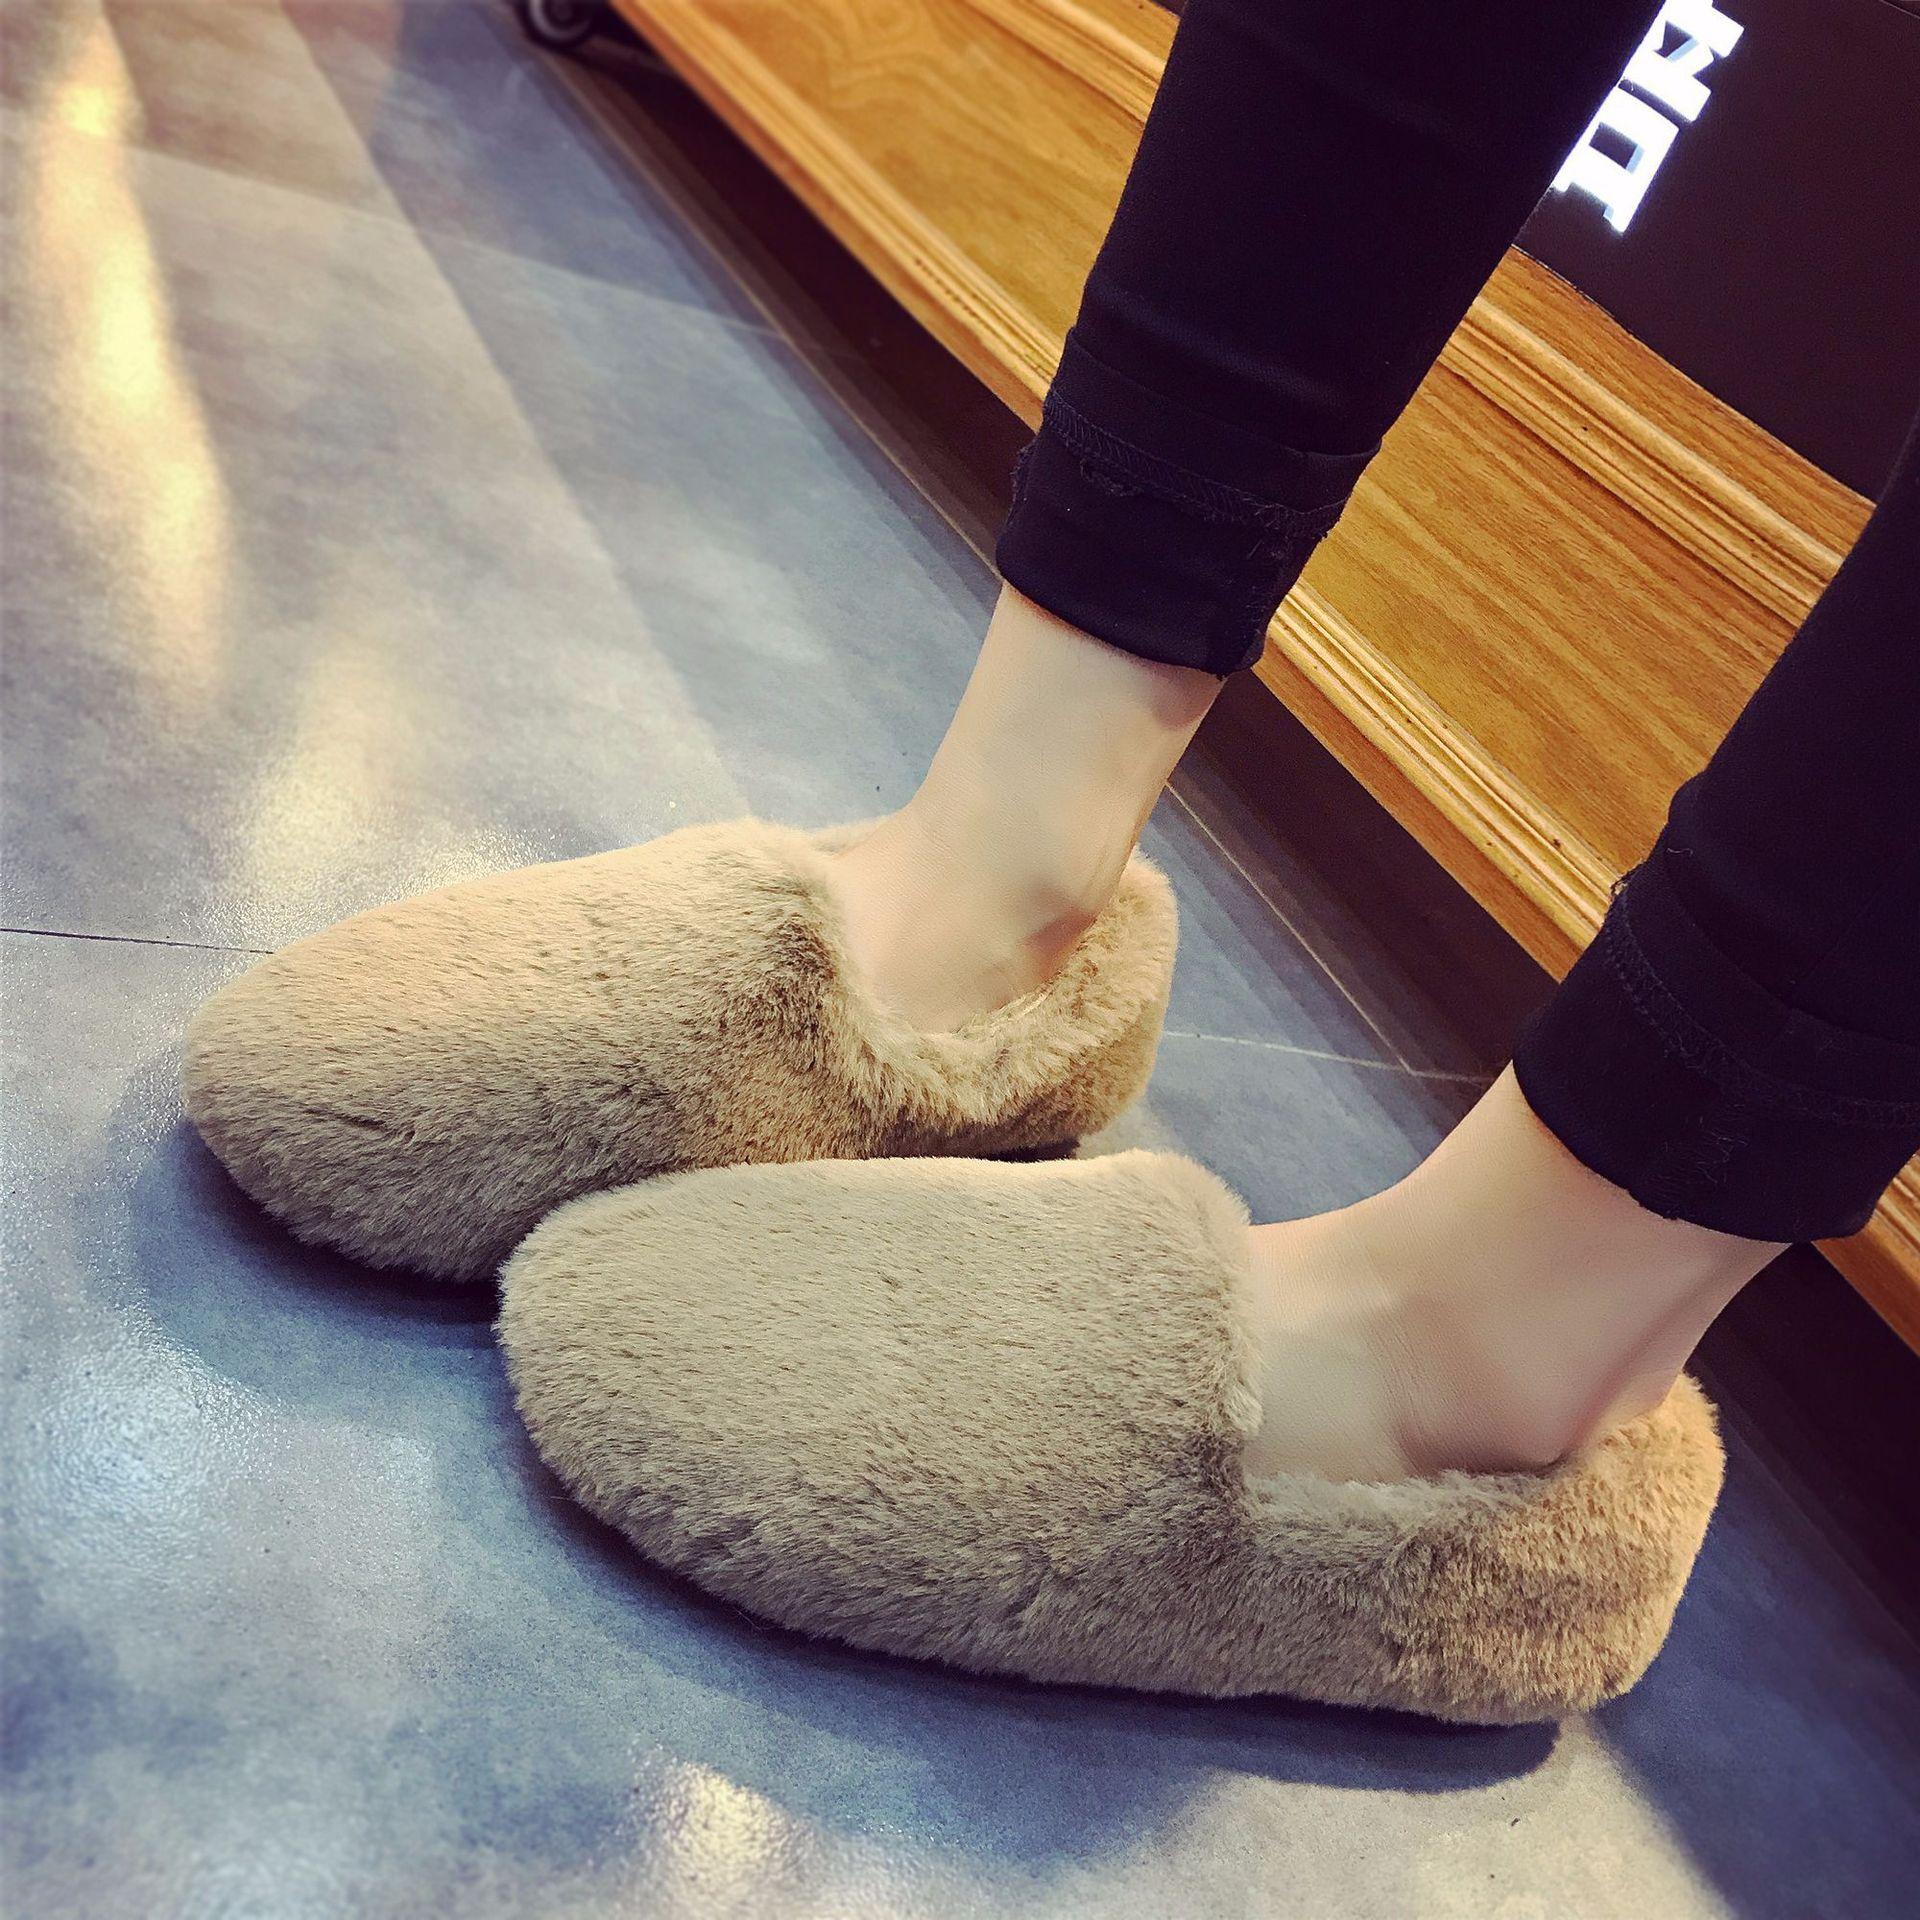 【616】免运费!冬季新款时尚棉鞋保暖舒适潮流女款